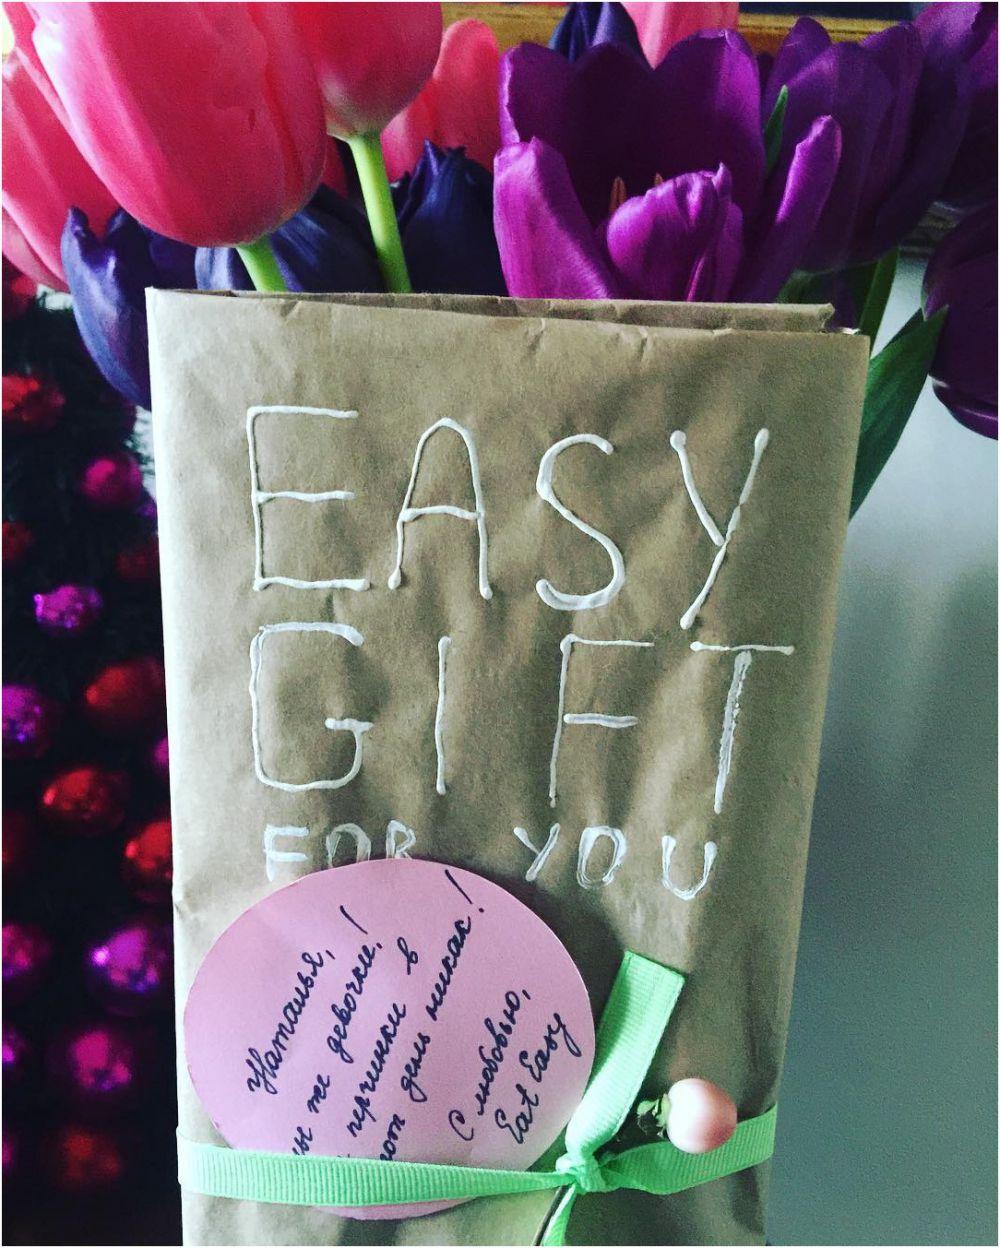 Могилевская получила букет тюльпанов и пакетик с загадочным названием «Простой подарок для тебя»